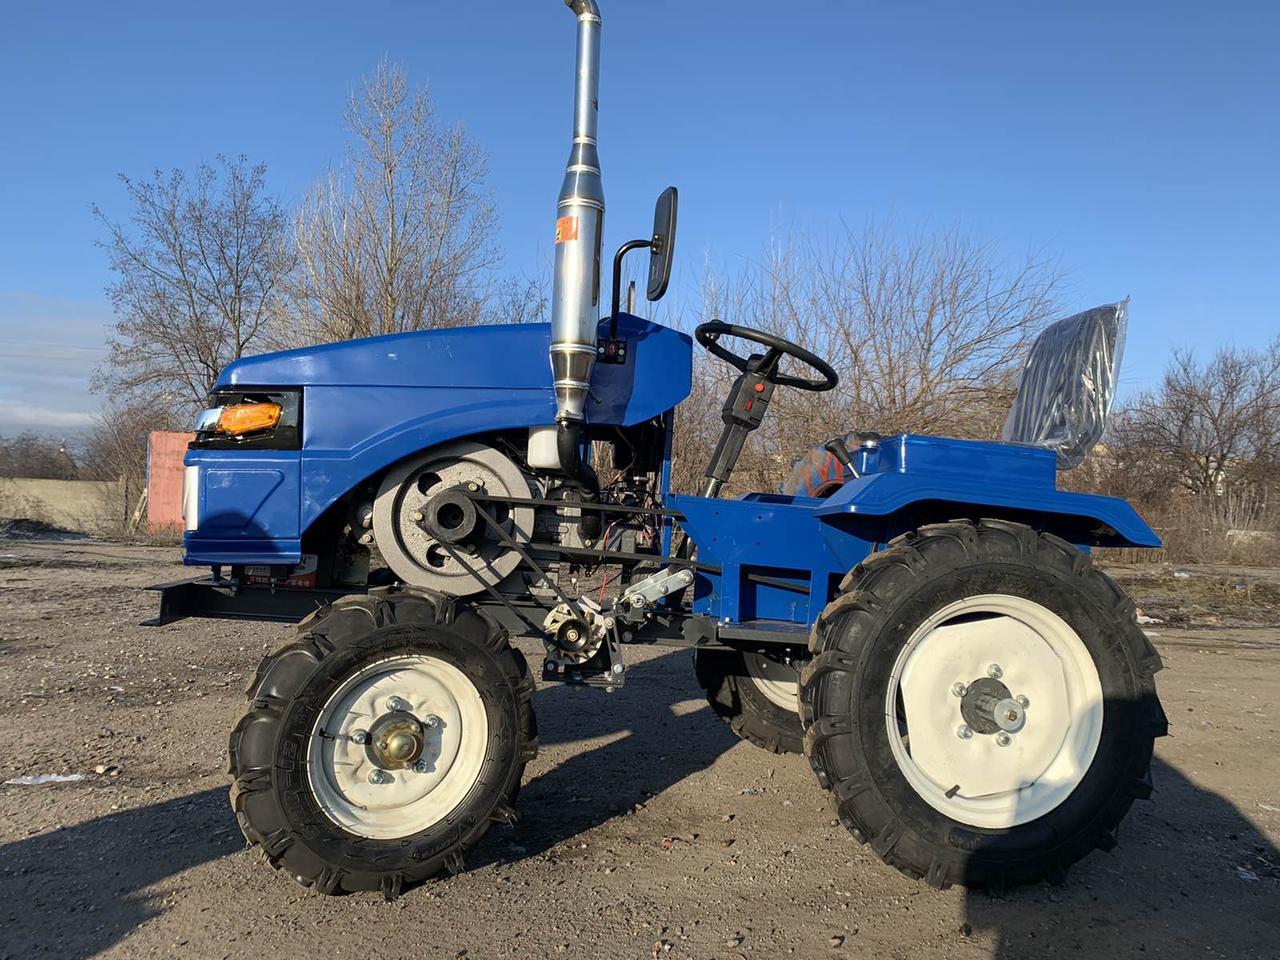 Мото трактор Форте GT-161 Люкс - Новинка 2020 года